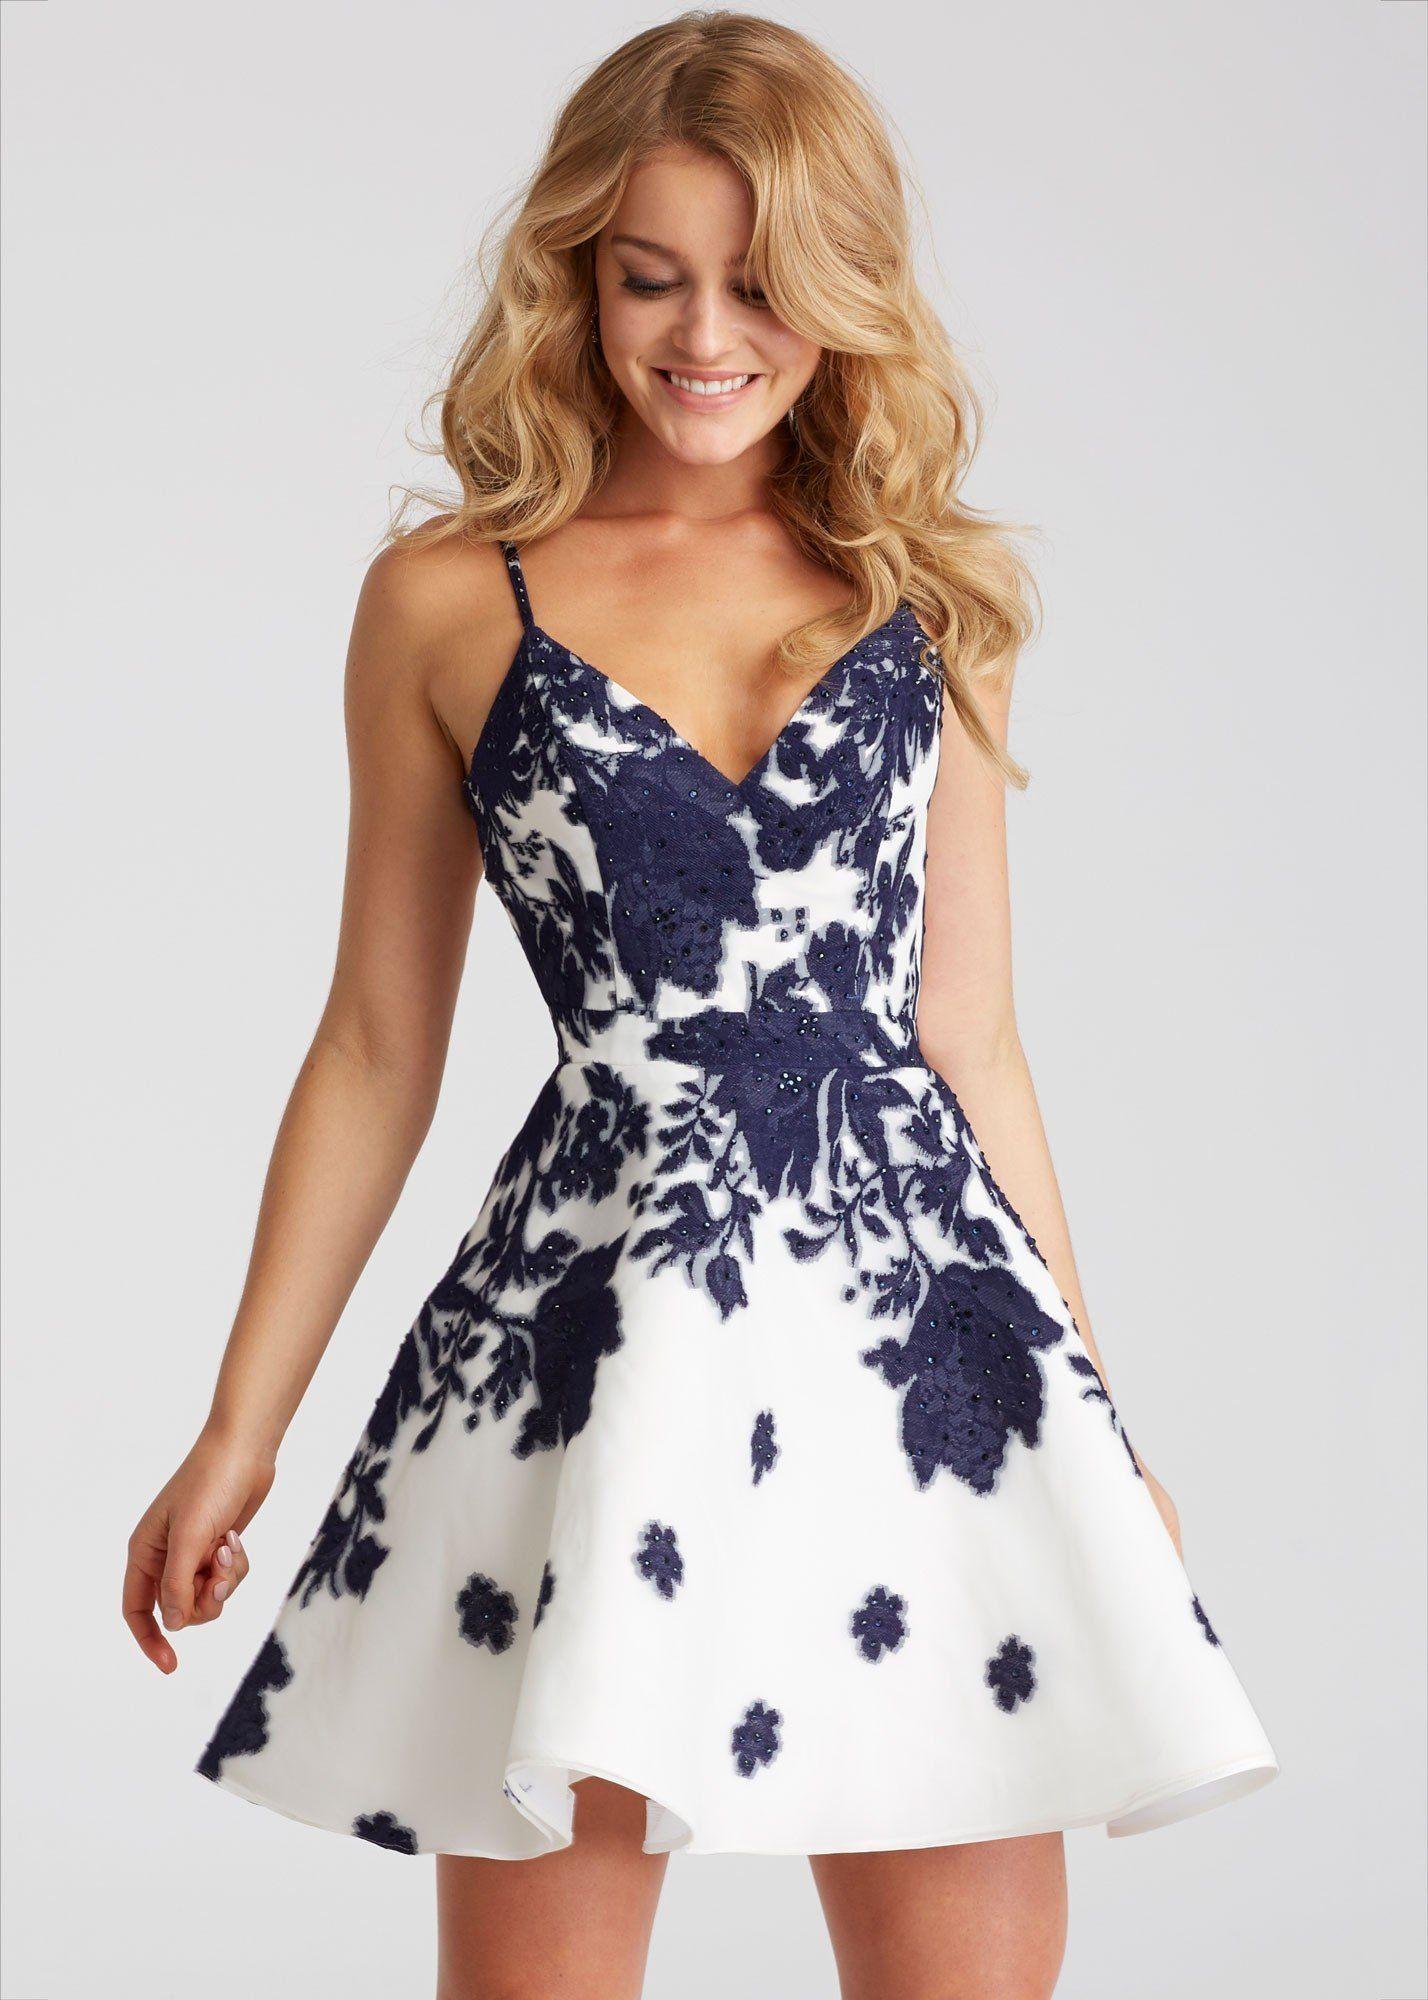 Formal Elegant Abend Dress Up BoutiqueAbend Fantastisch Abend Dress Up Stylish